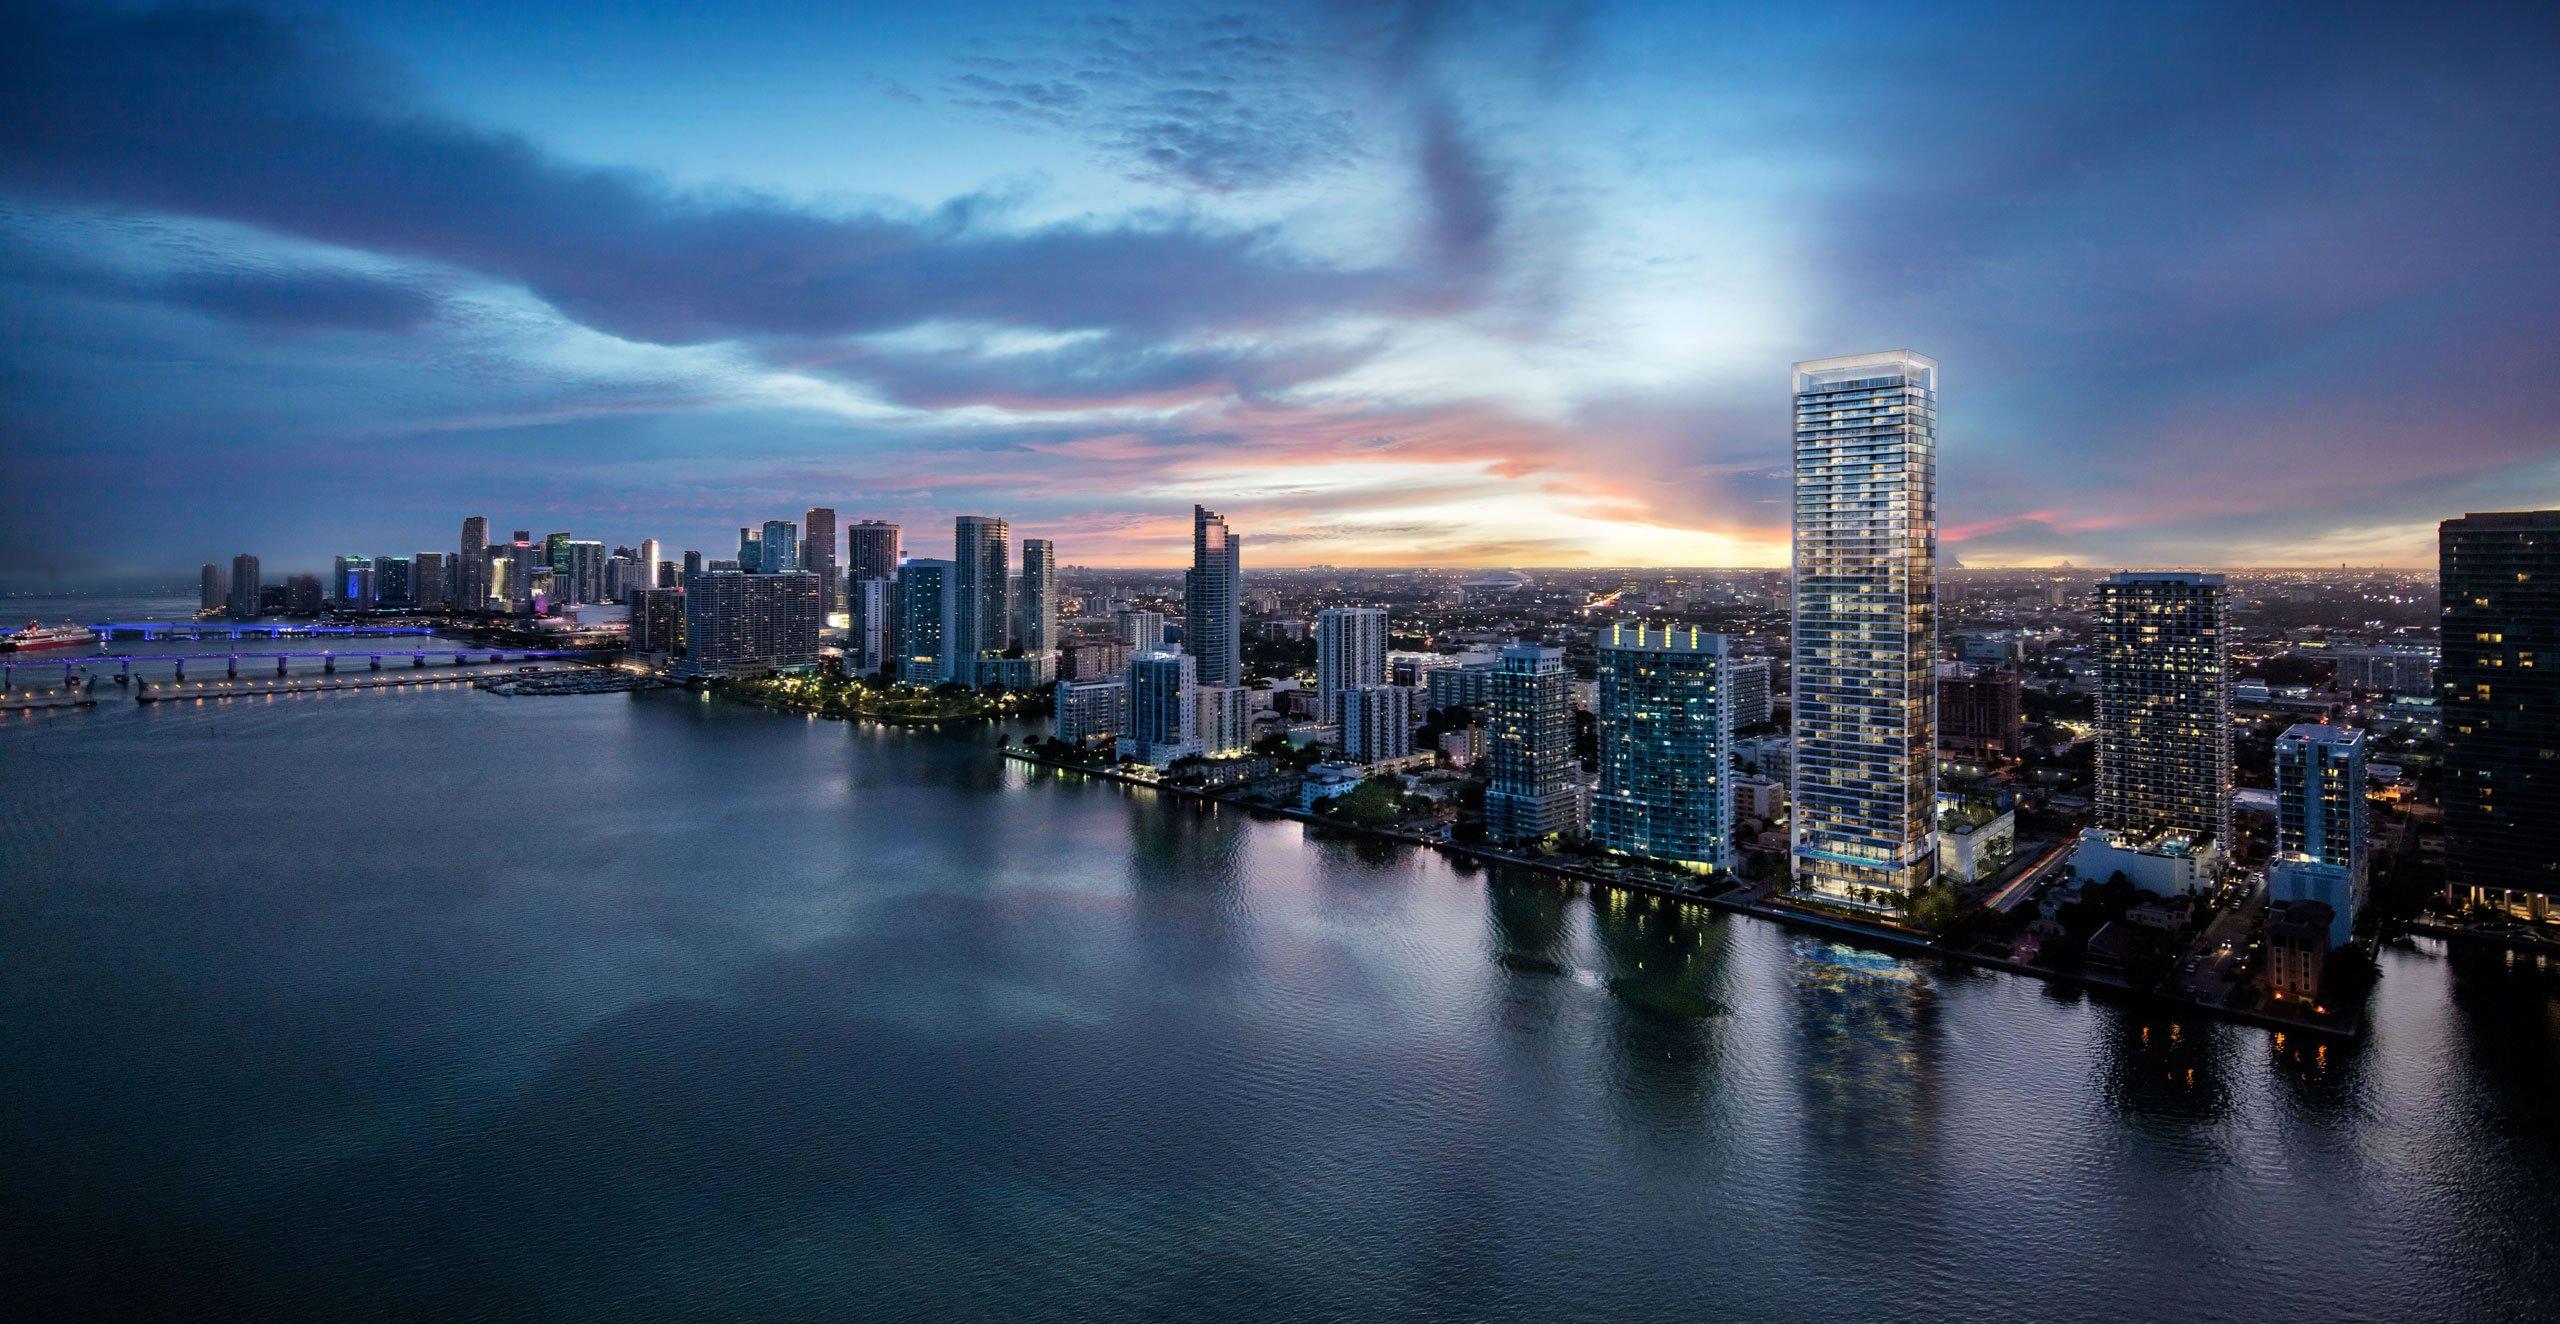 Missoni Baia, un edificio de alta costura en Miami